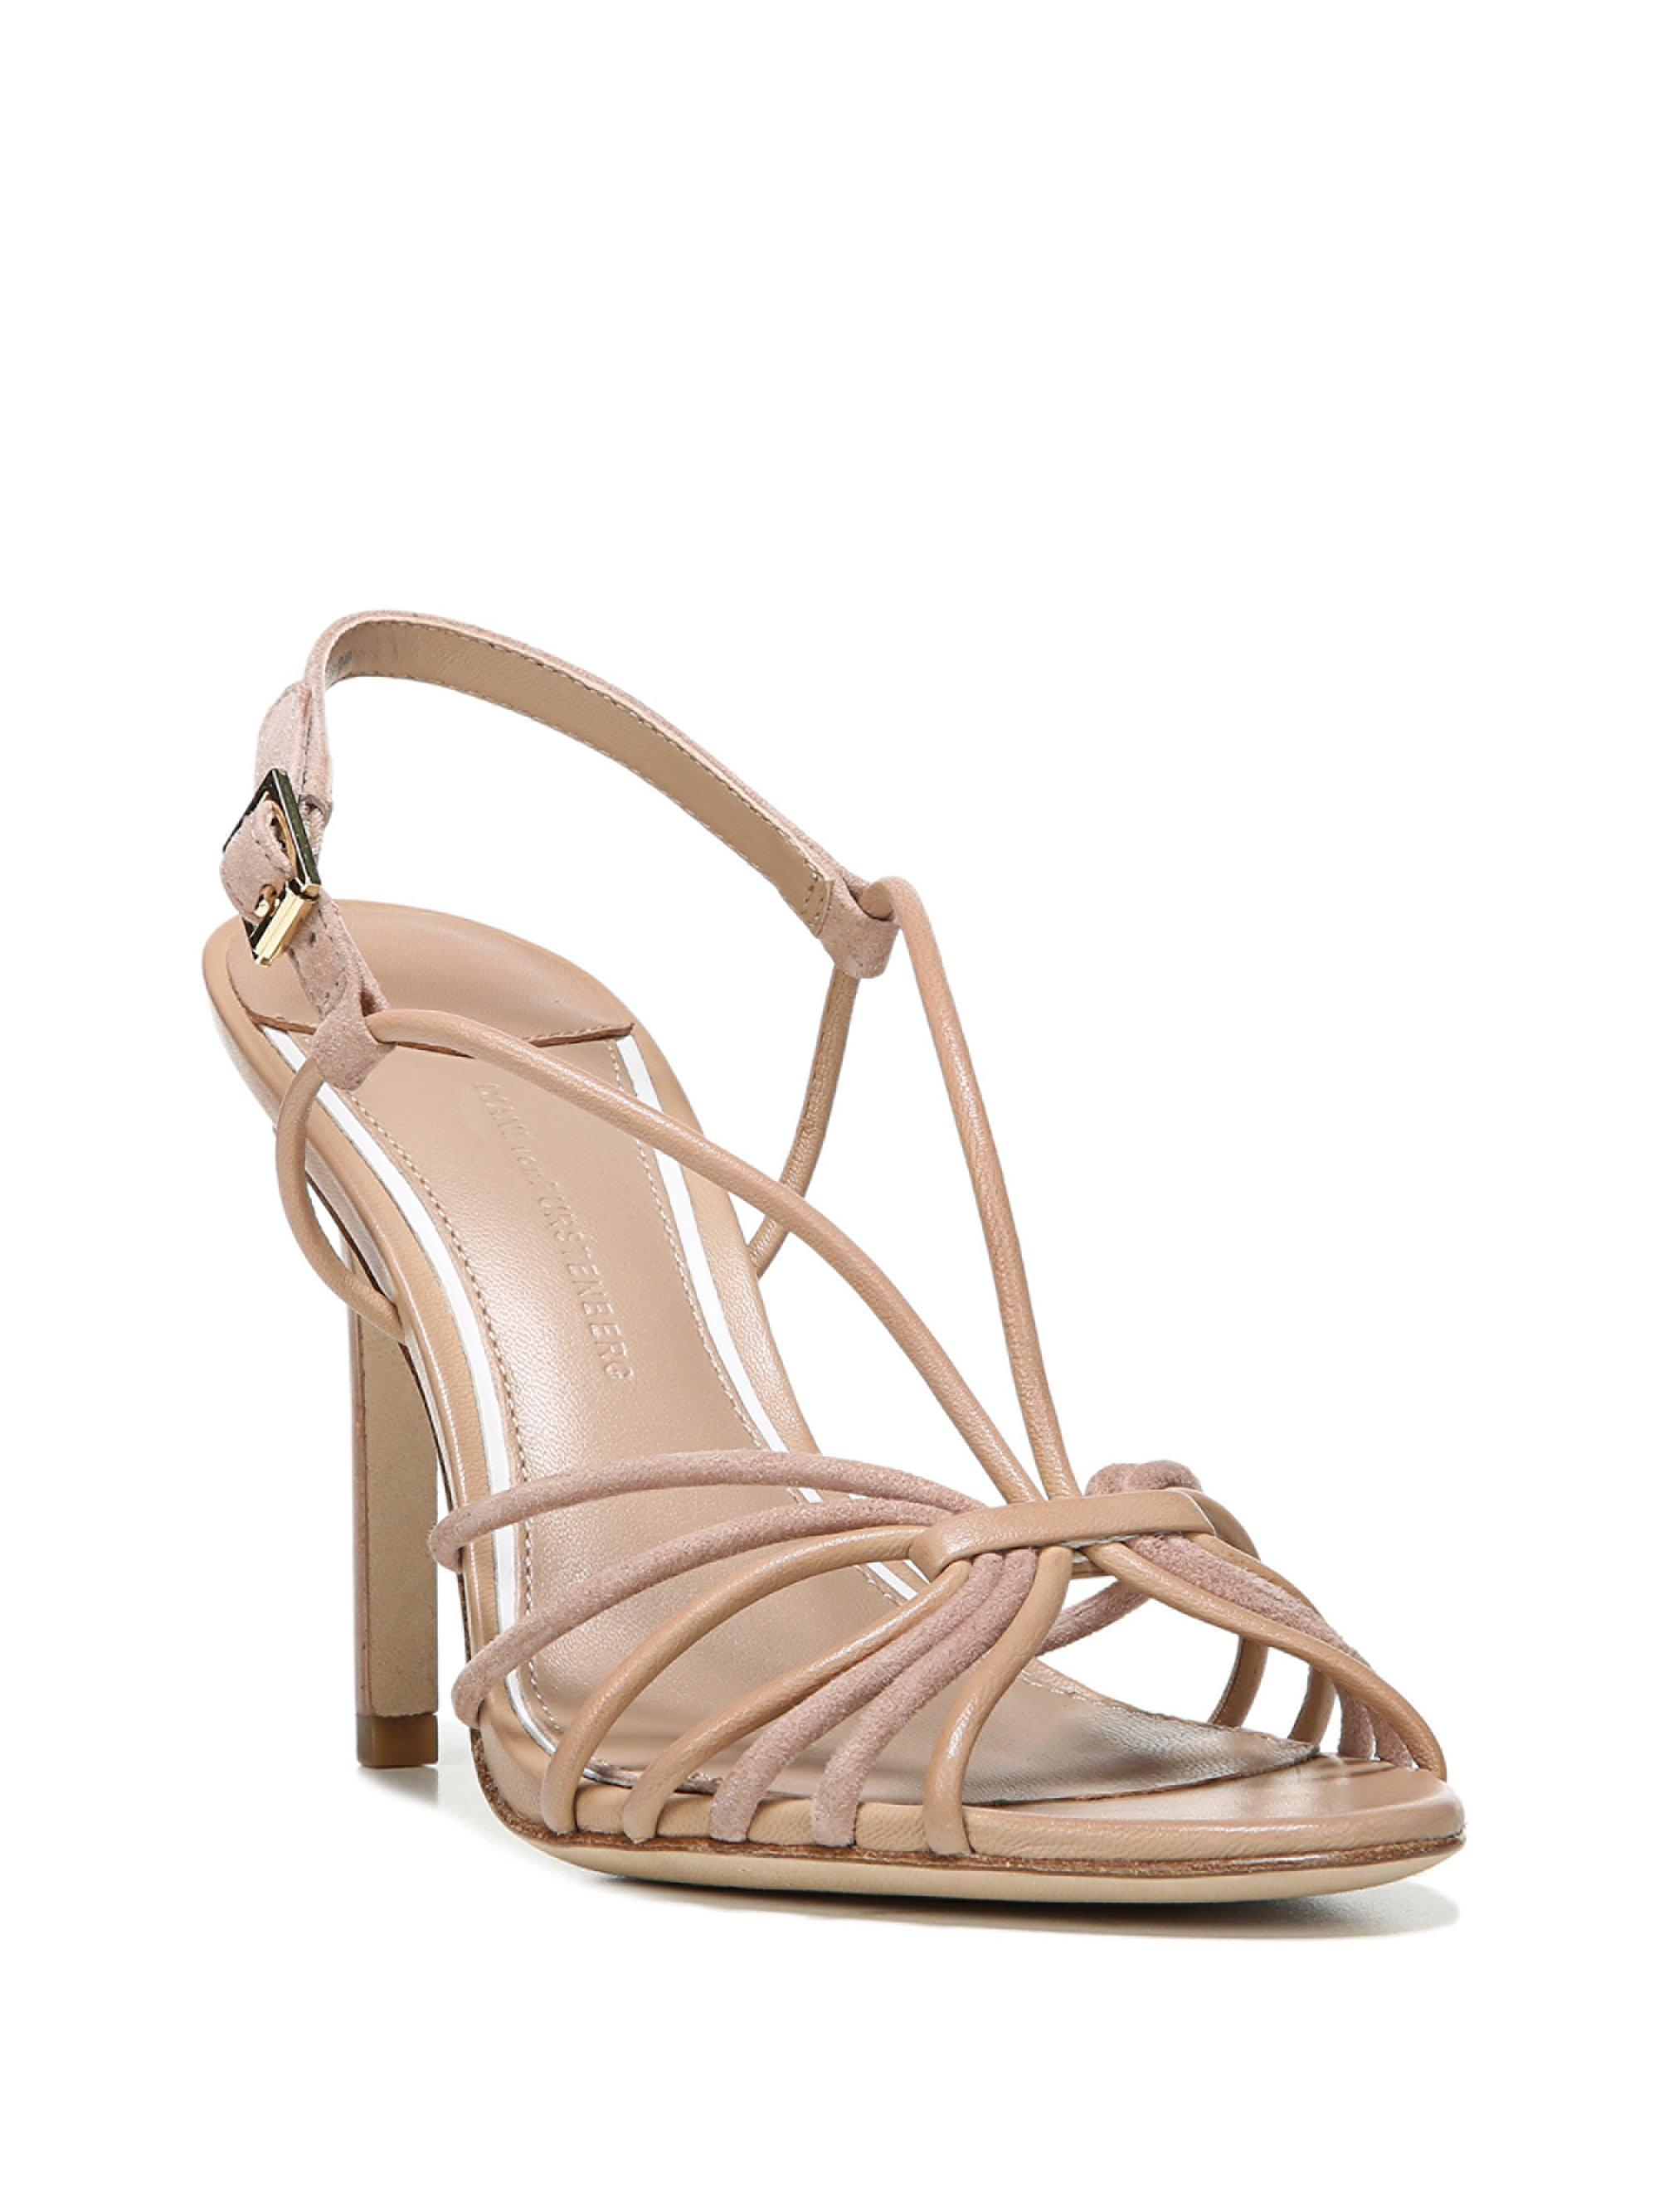 Diane von Furstenberg. Women's Natural Milena Suede Slingback Sandals